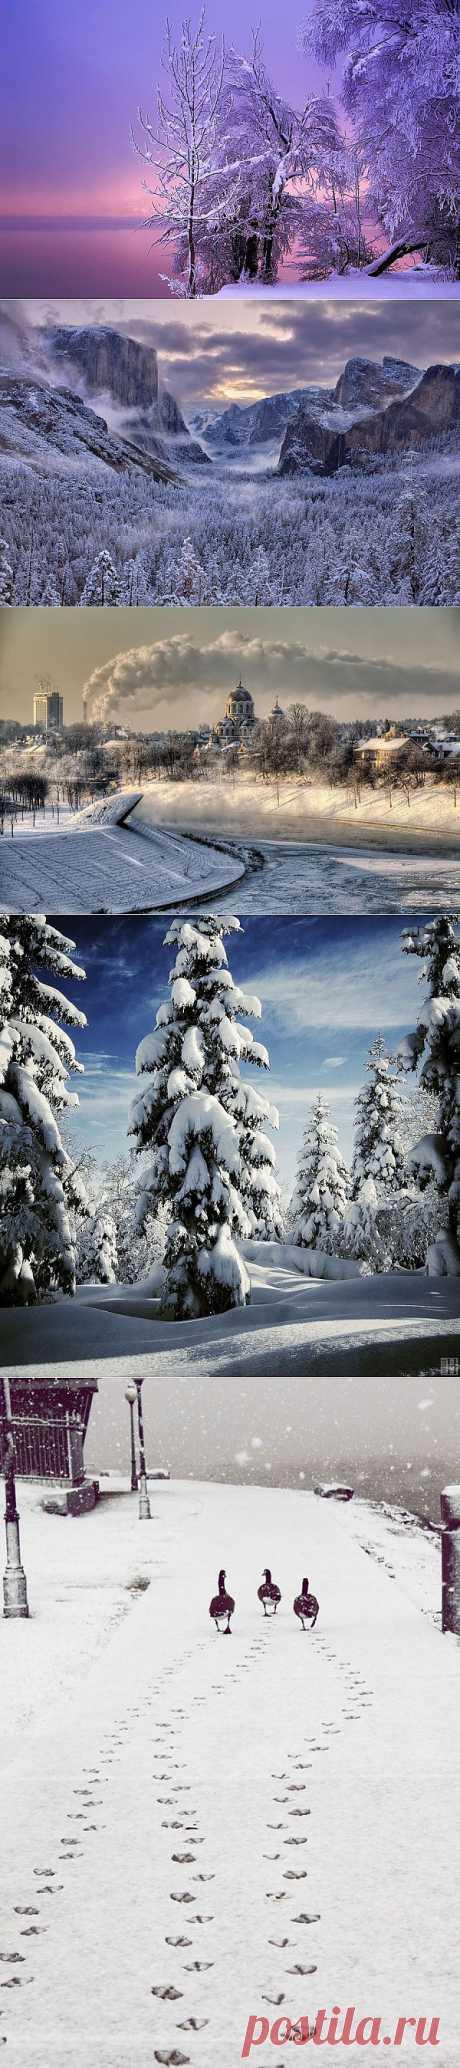 La fototelegrafía »20 paisajes admirables invernales